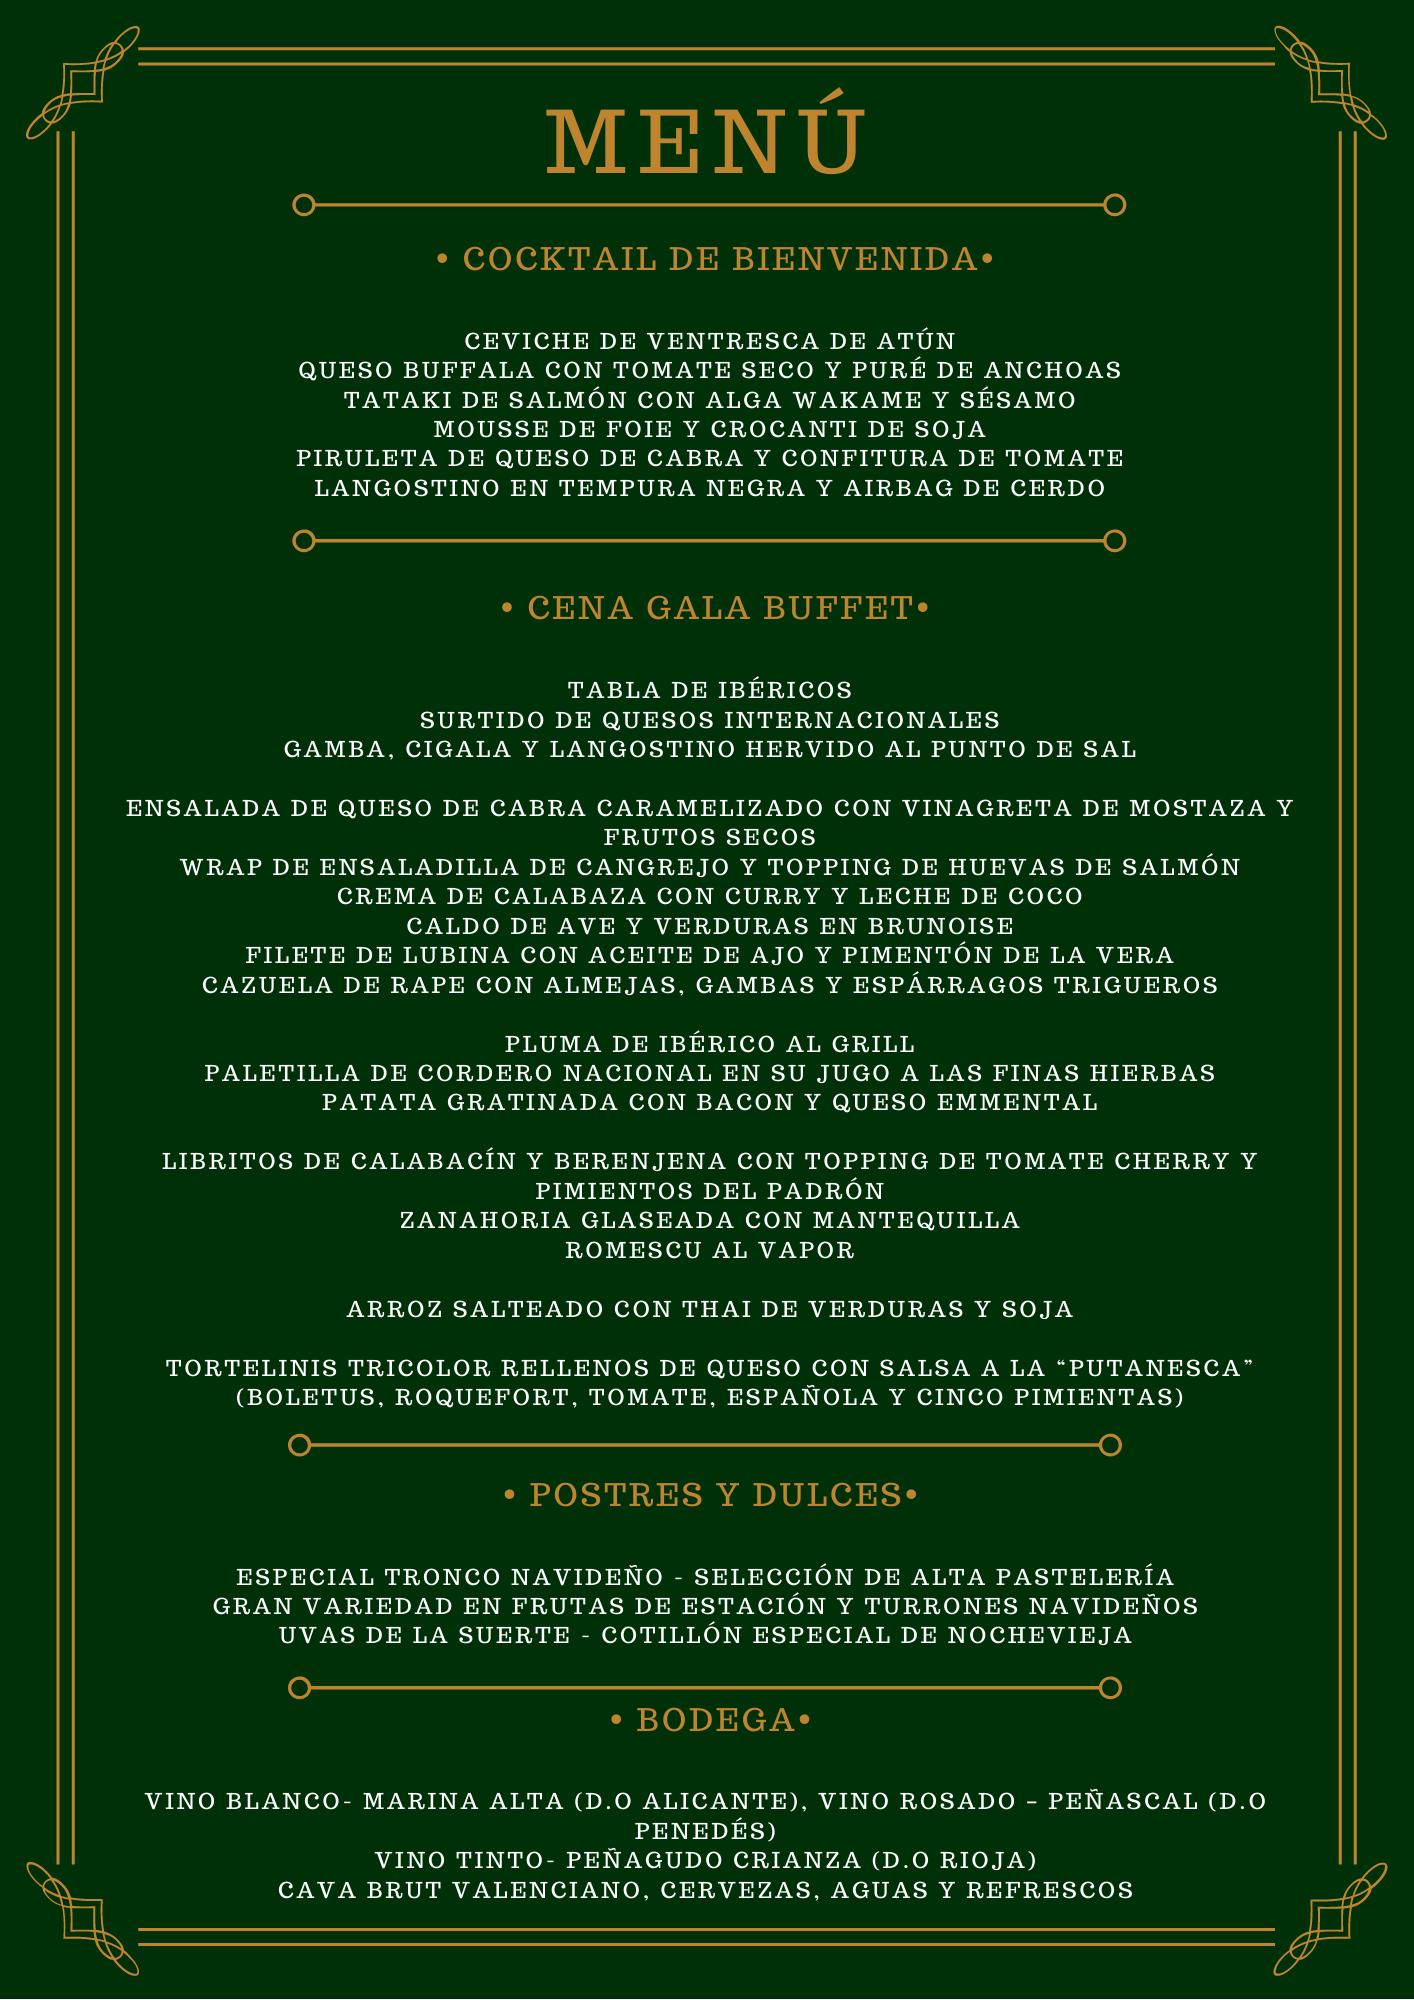 Menu fin de año Hotel el Albir Alicante nochevieja 2019